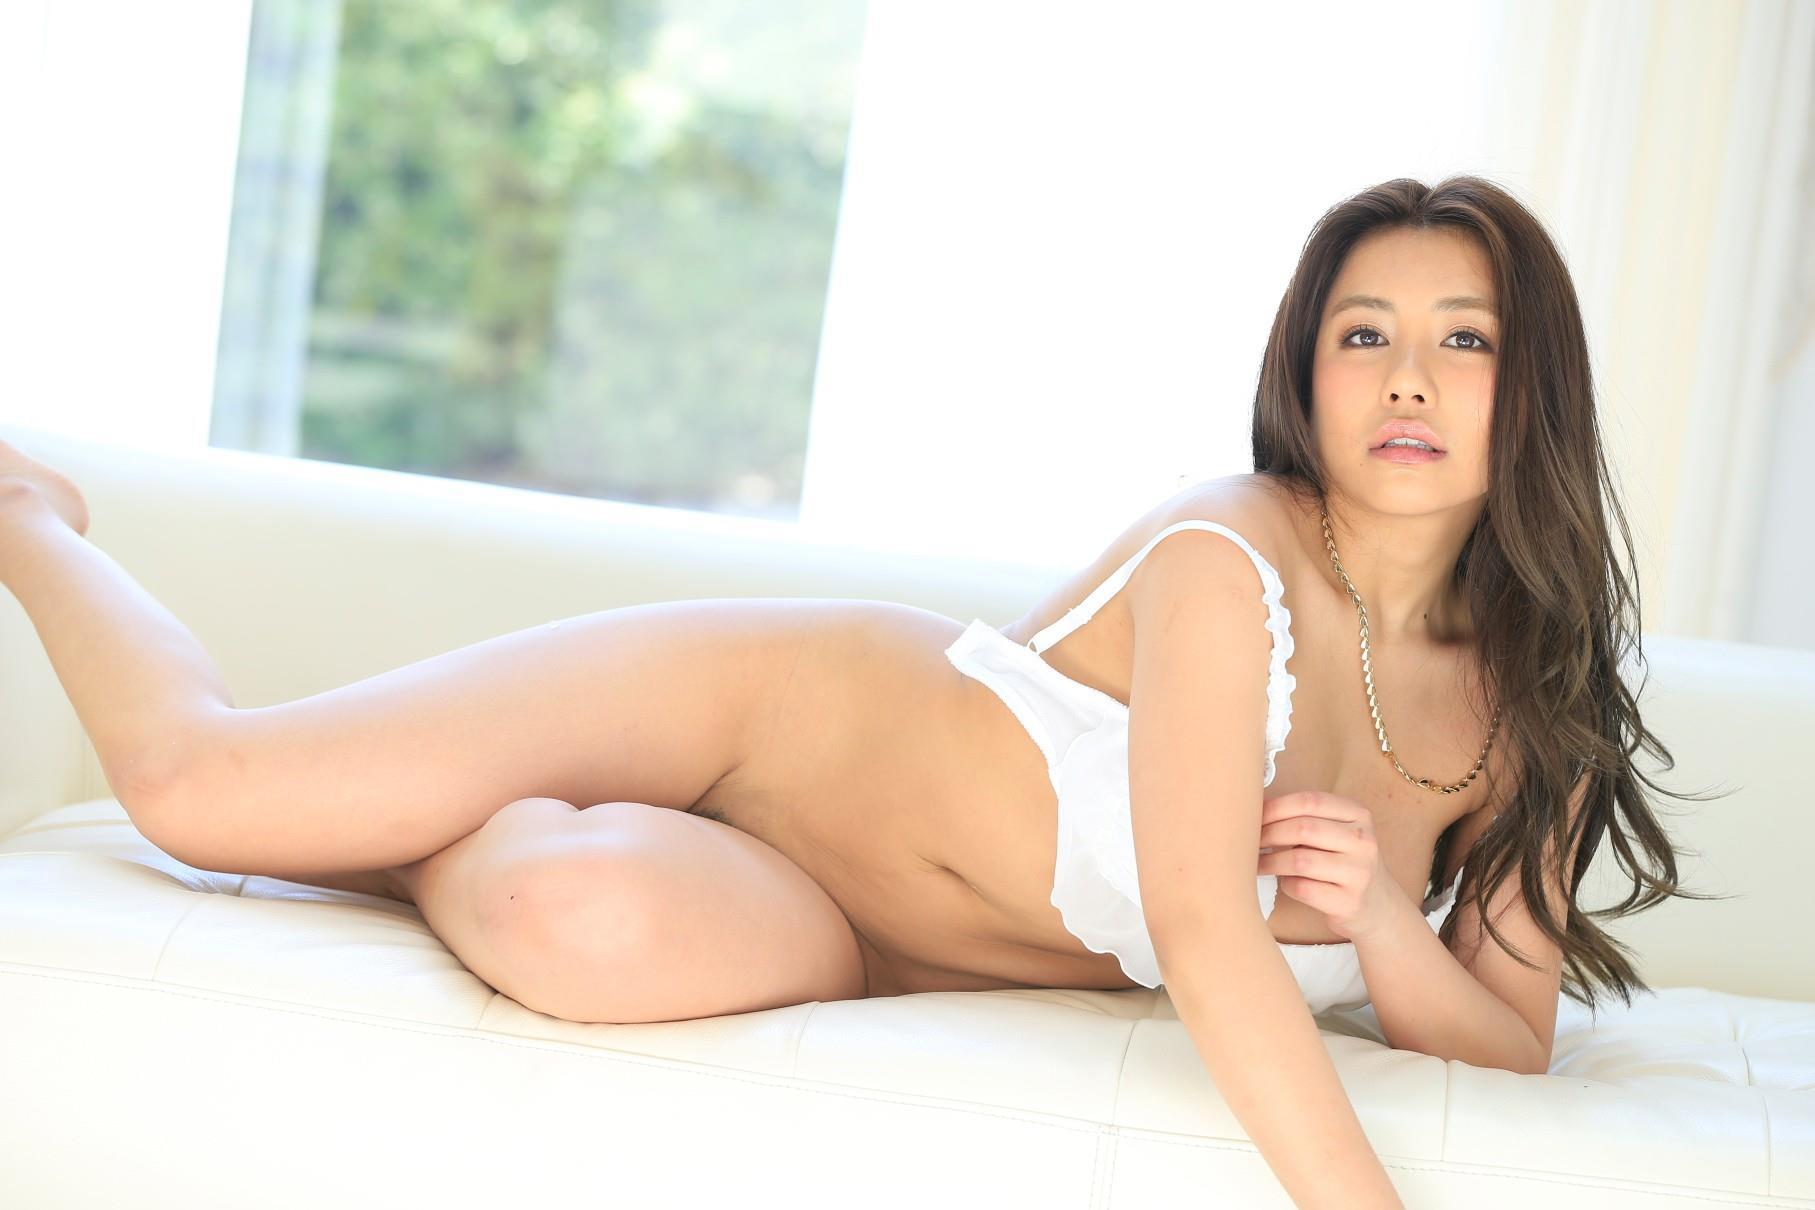 松本メイ セックス画像 92